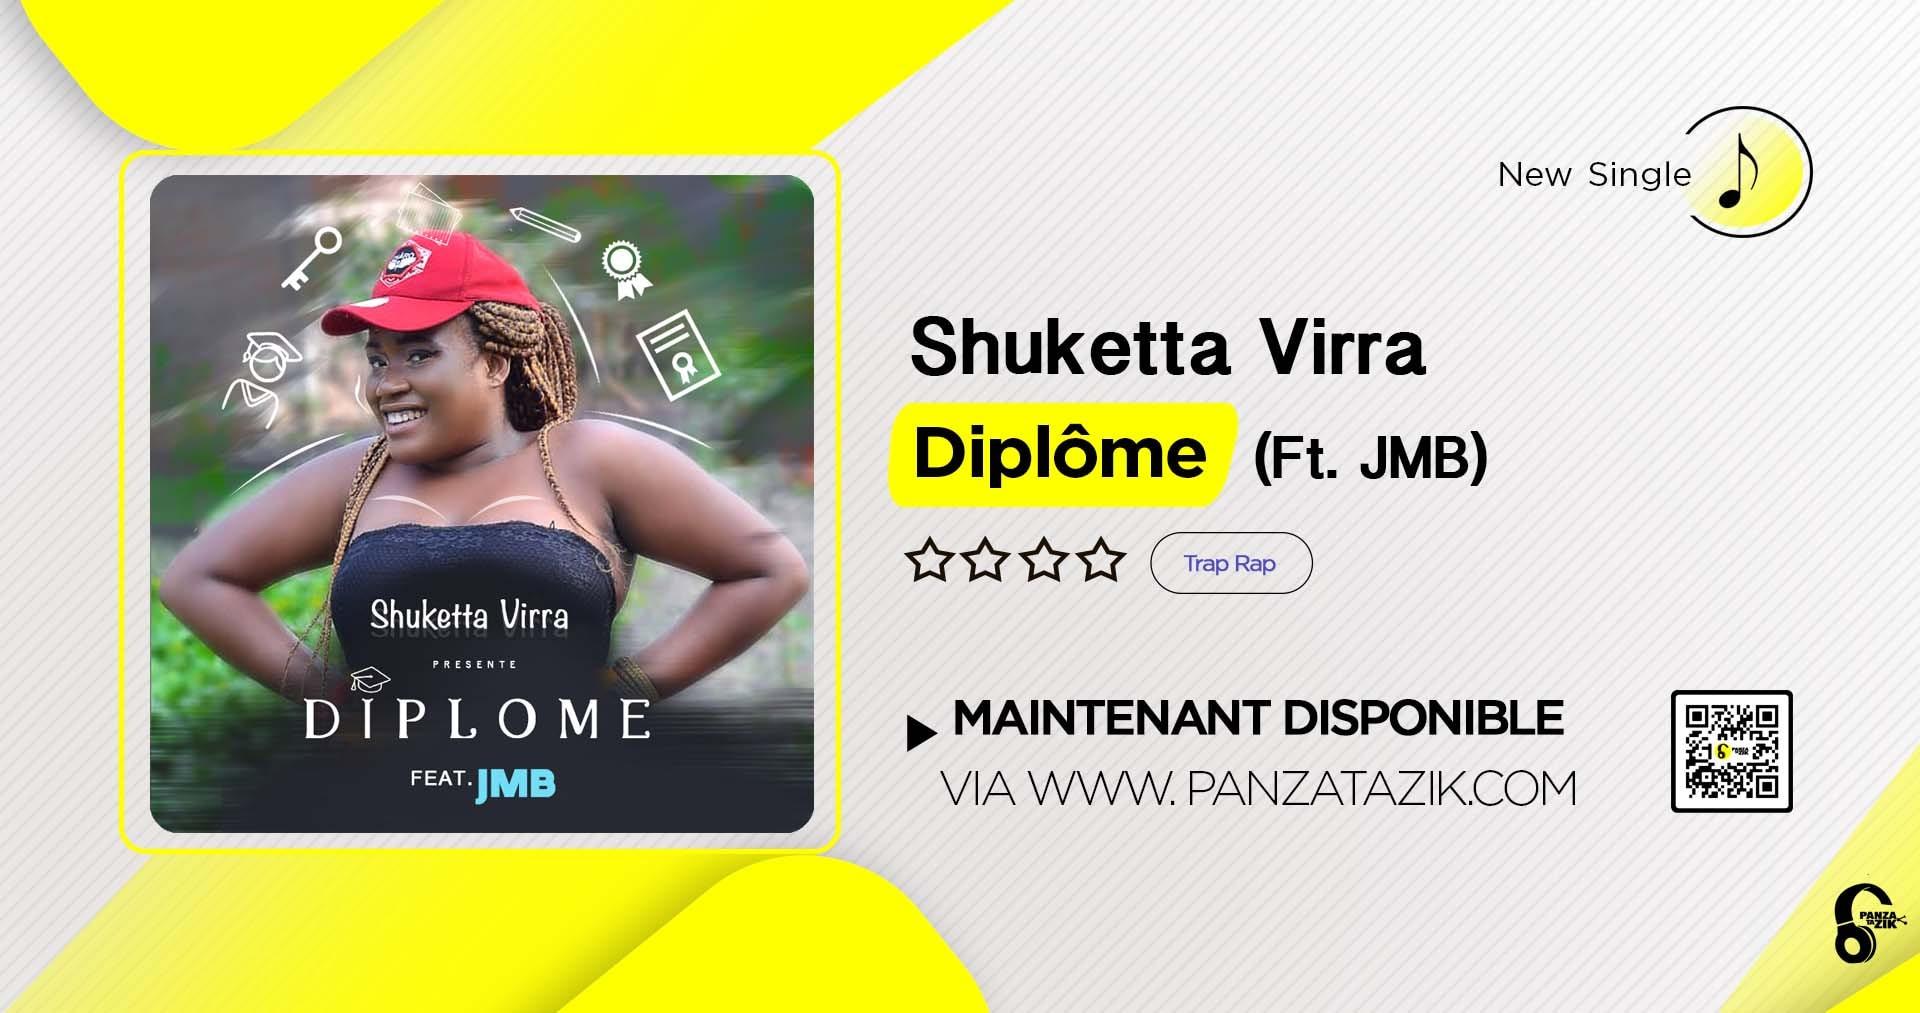 Shuketta Virra – Diplôme (Ft. JMB)